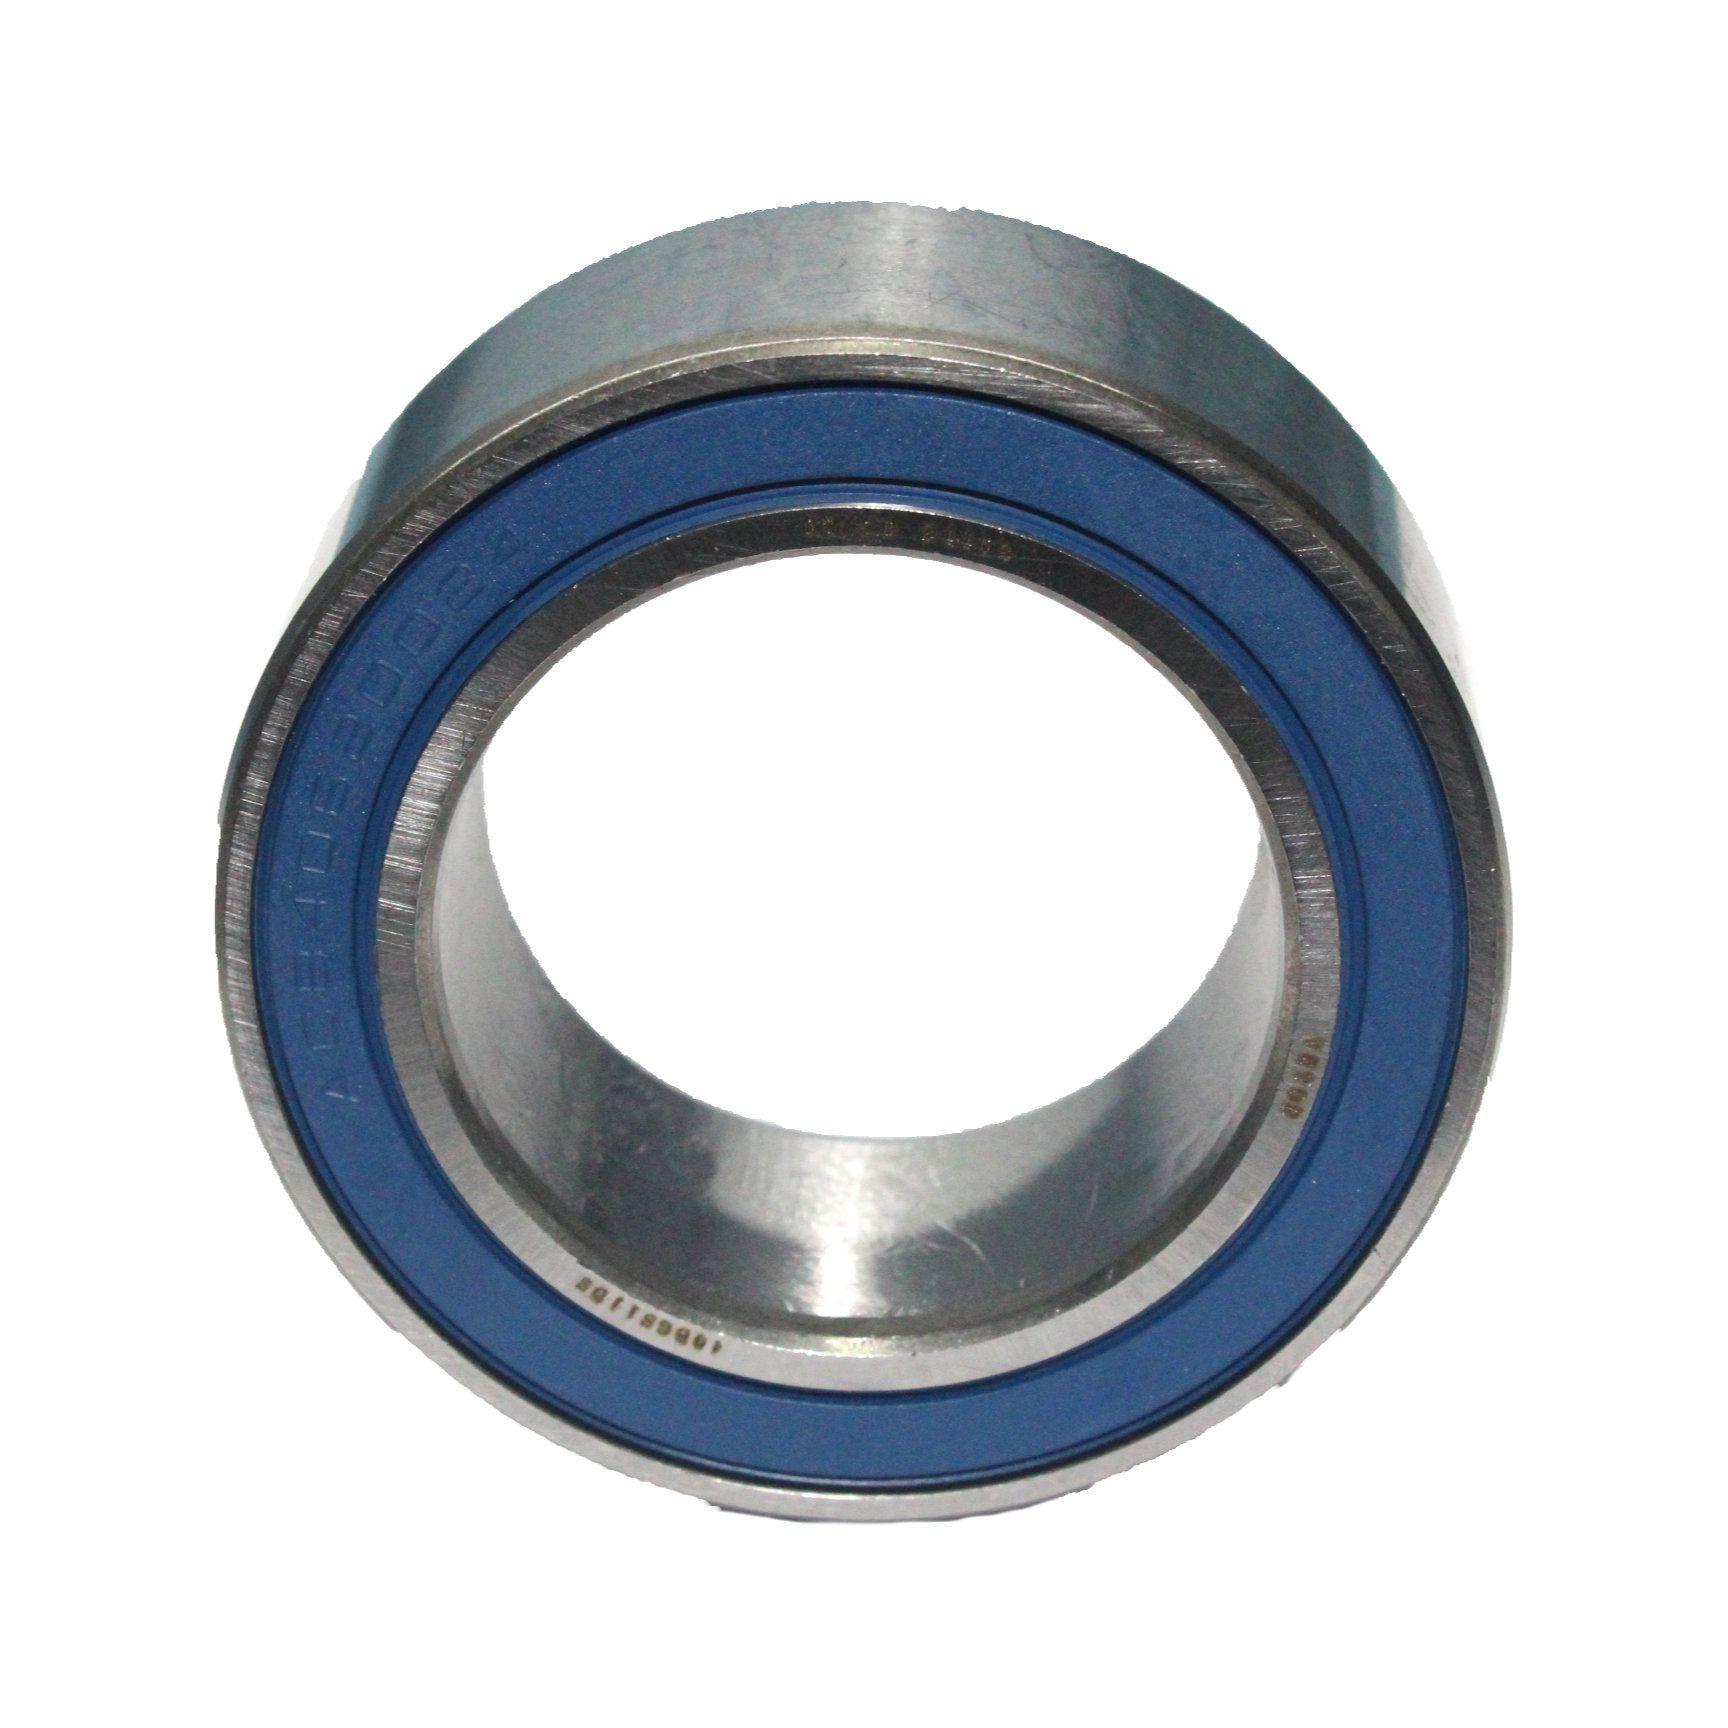 Rolamento Polia Compressor Ar Condicionado Palio, Gol, Kadett (40 X 62 X 24)